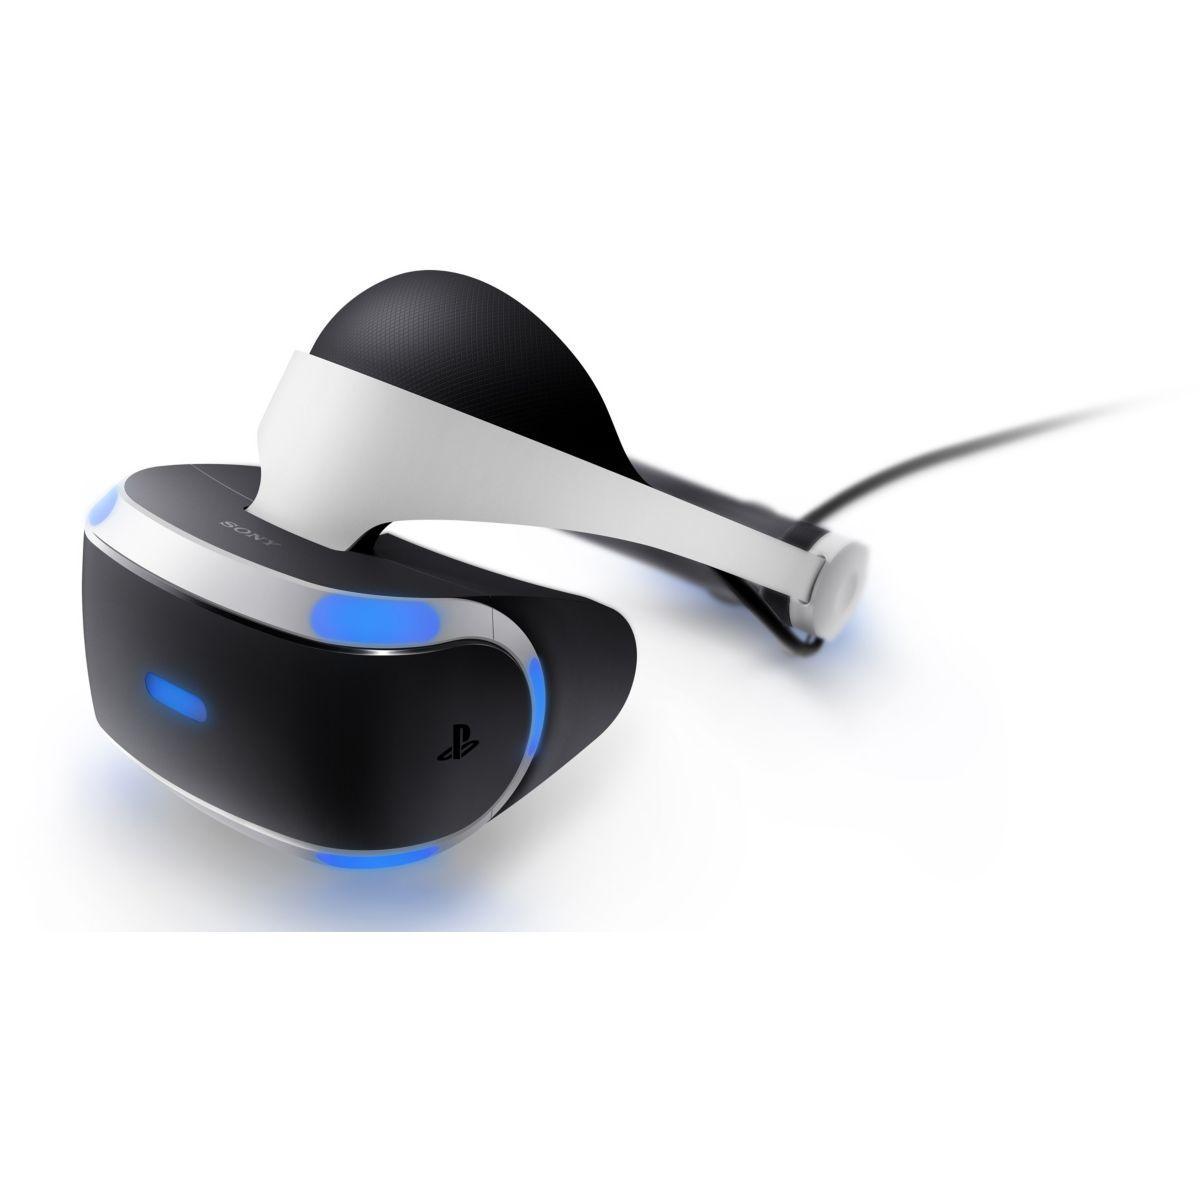 Casque de réalité virtuelle sony playstation vr - 2% de remise immédiate avec le code : cool2 (photo)